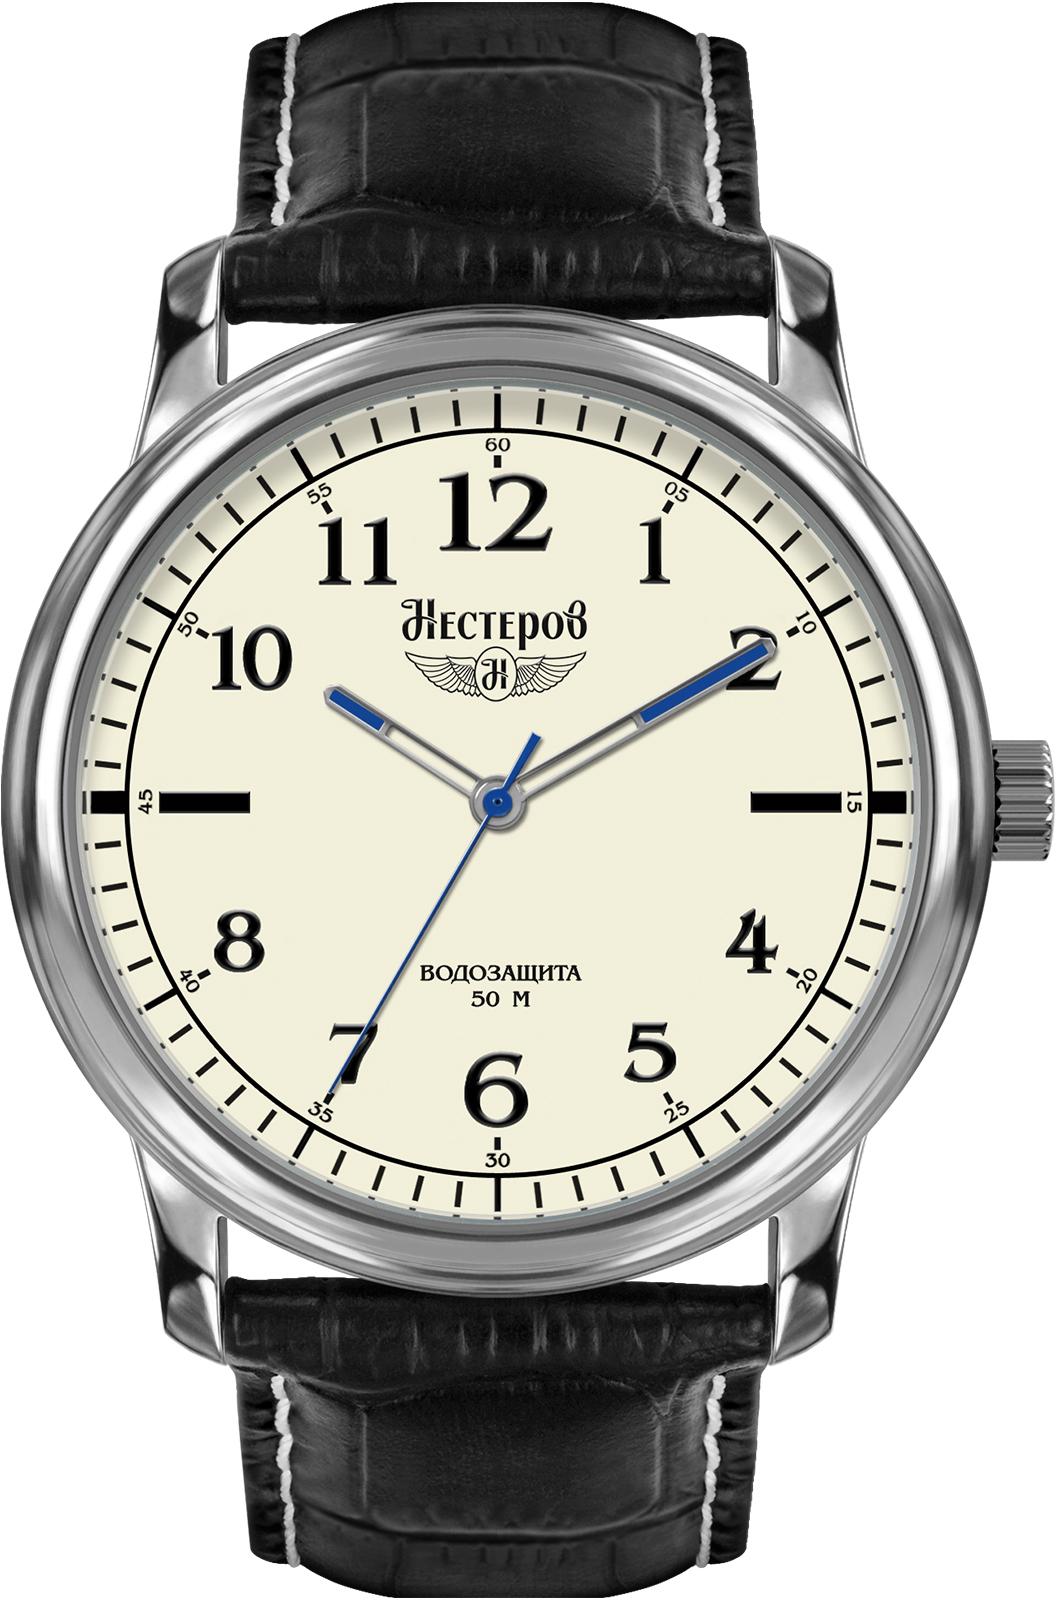 купить Наручные часы Нестеров H0282B02-05F по цене 7790 рублей